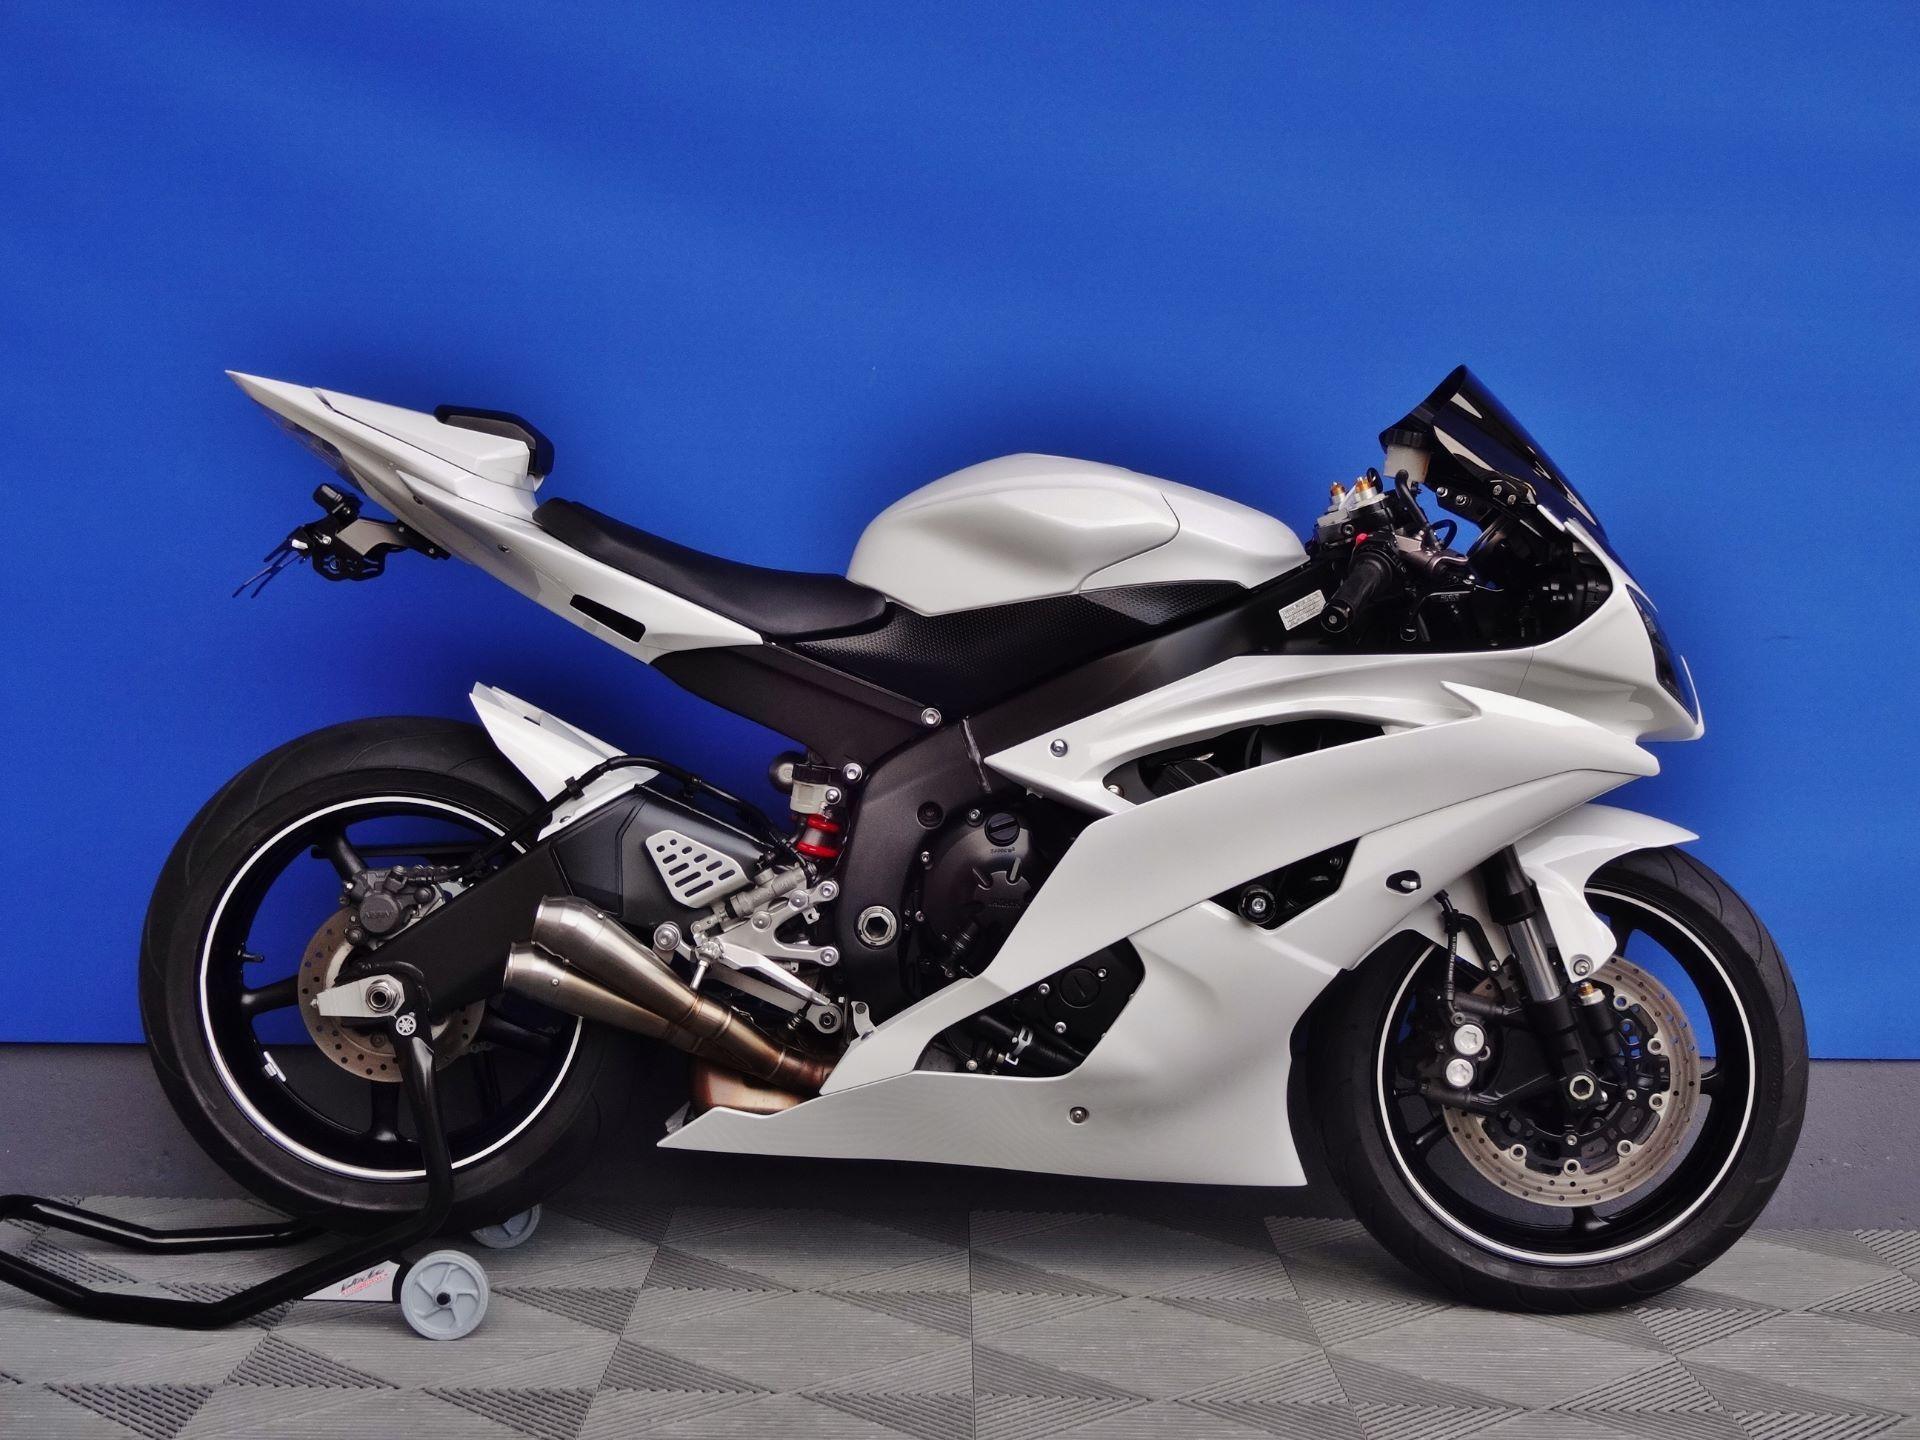 moto occasions acheter yamaha yzf r6 laser vogel motorbikes sch pfheim. Black Bedroom Furniture Sets. Home Design Ideas